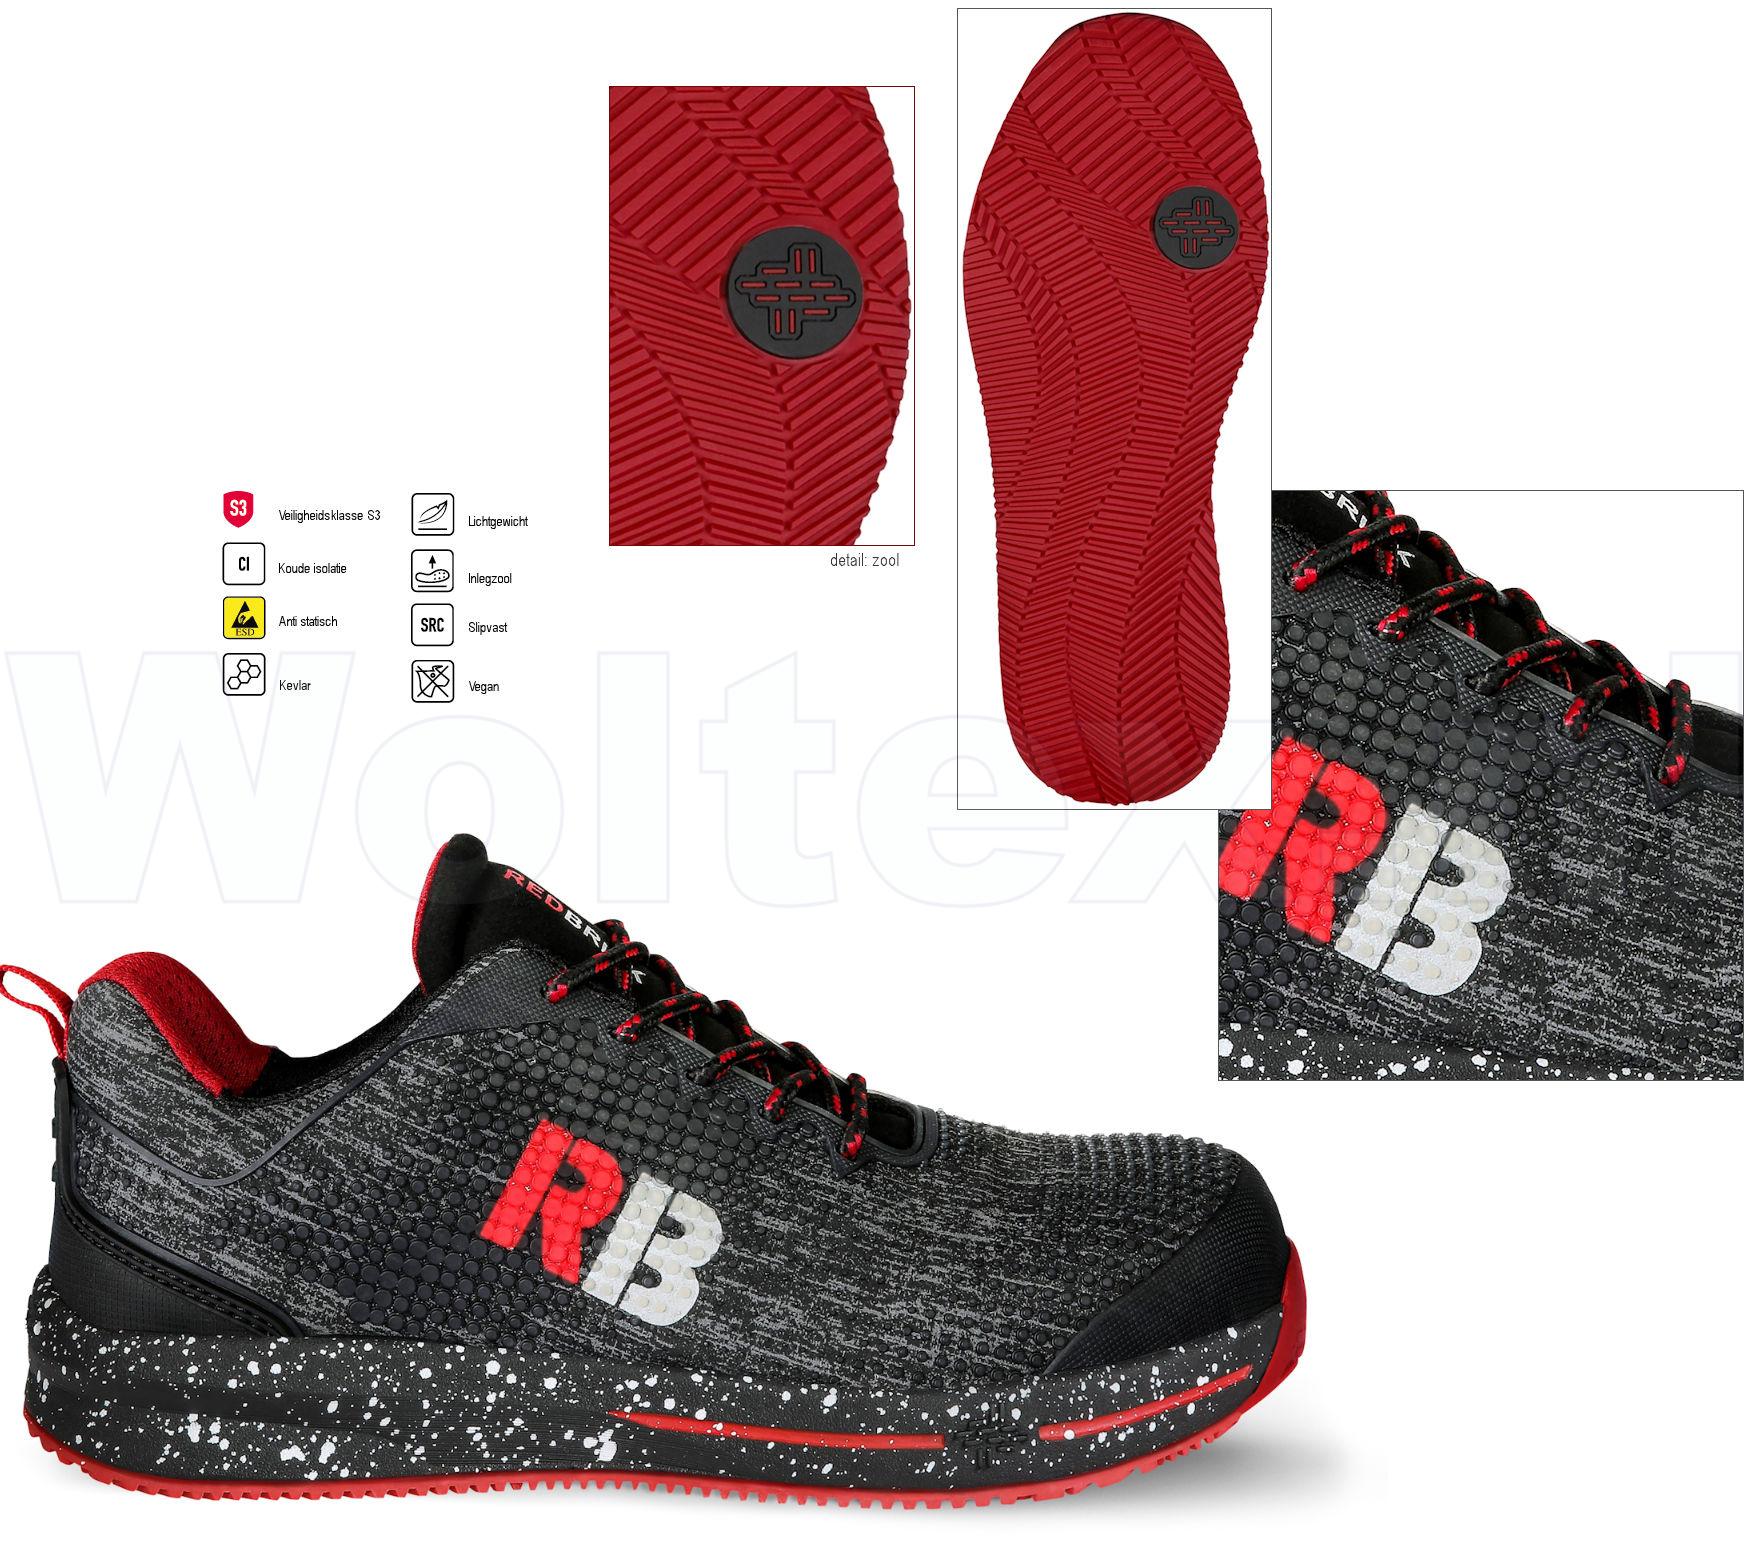 Lichte Werkschoenen.Redbrick Safety Sneakers Motion S3 Esd Werkschoenen Superb